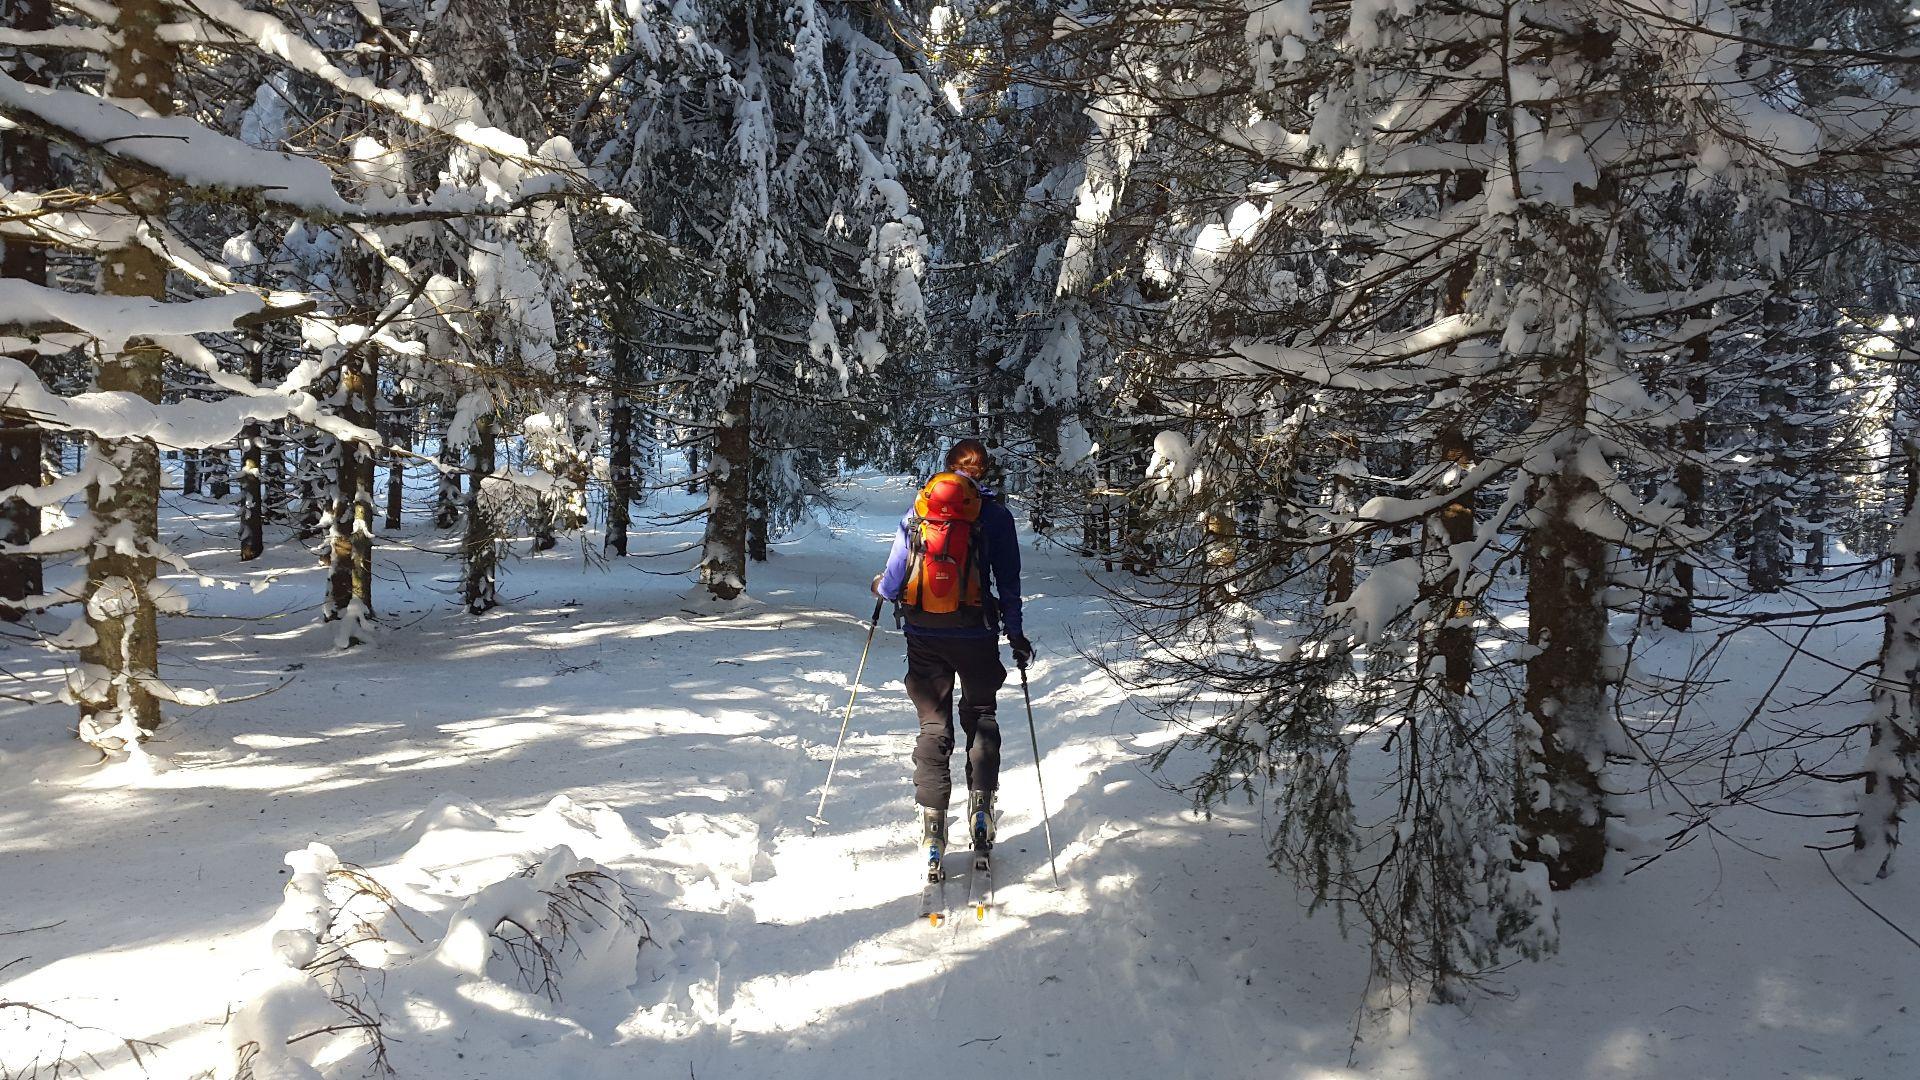 Escursione di sci alpinismo a Madesimo